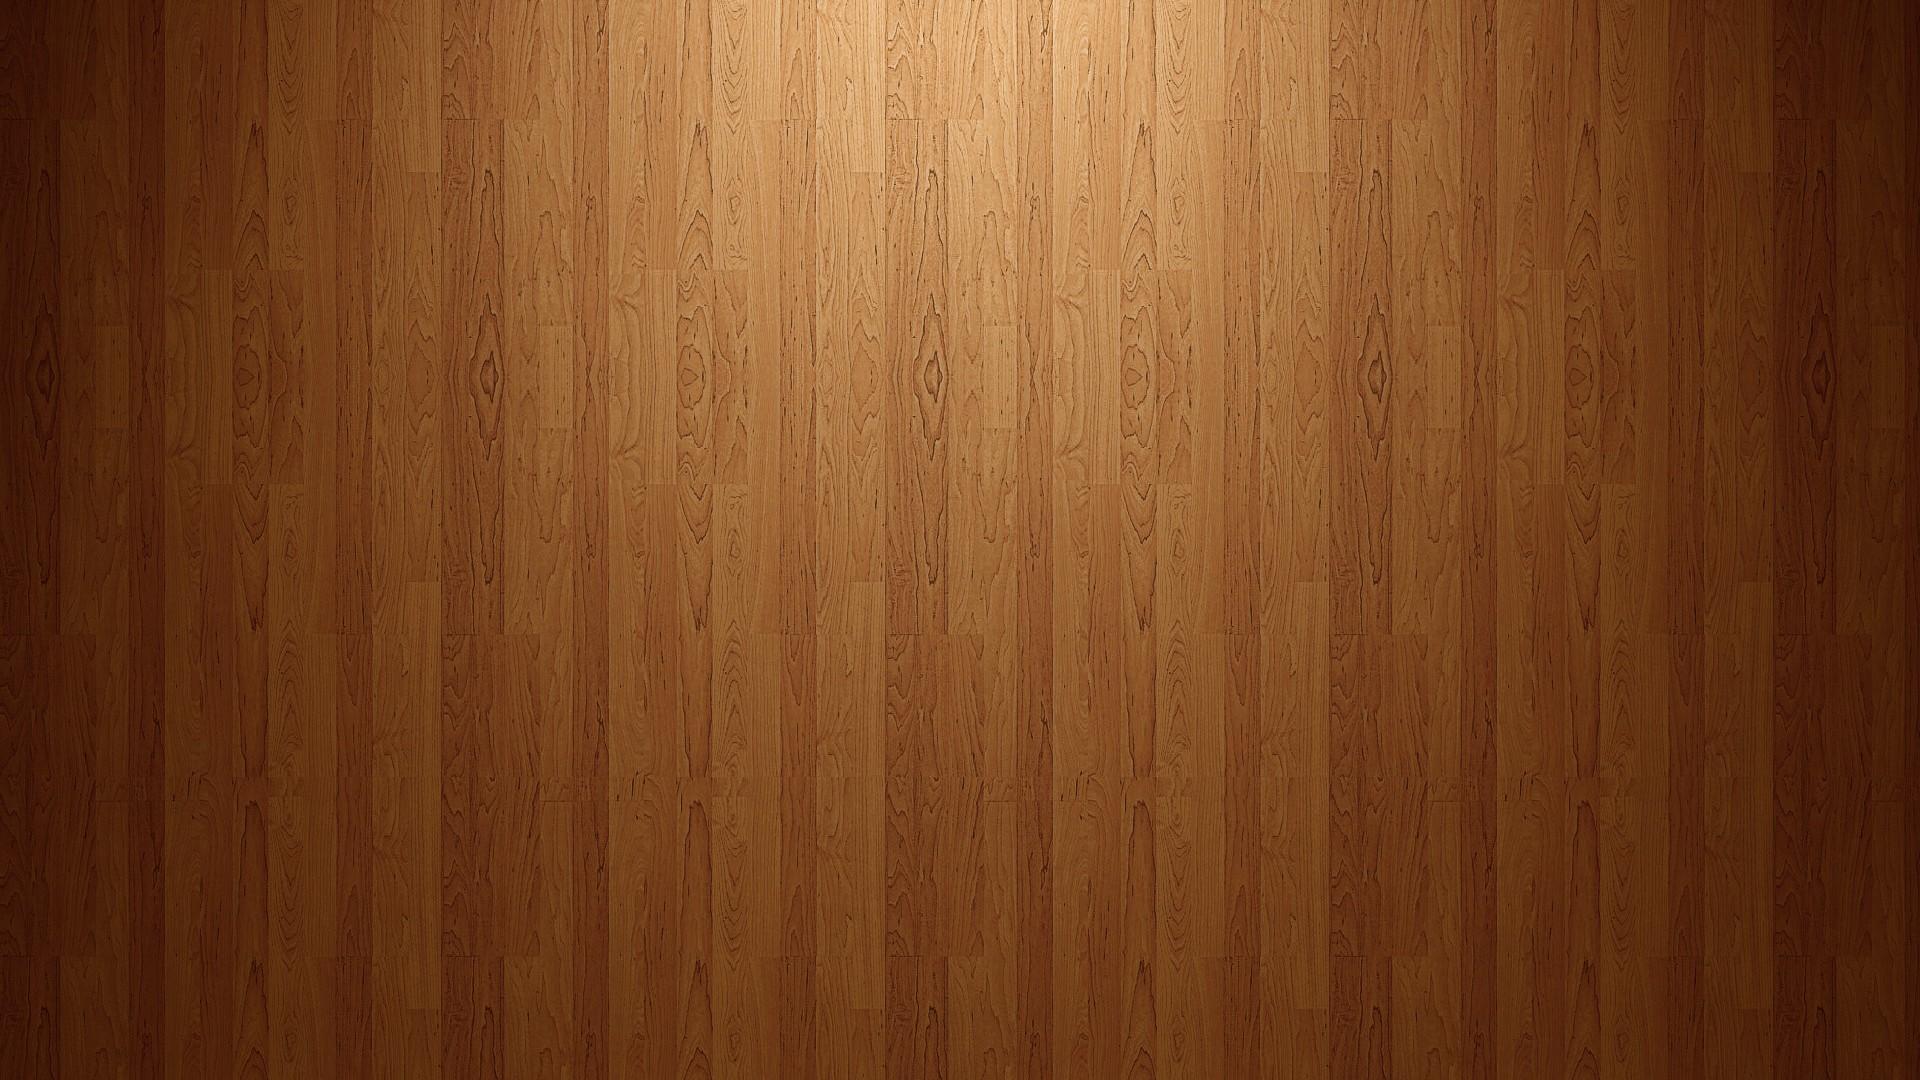 wood-texture-wood-texture-1920×1080.jpg | Yitzchak